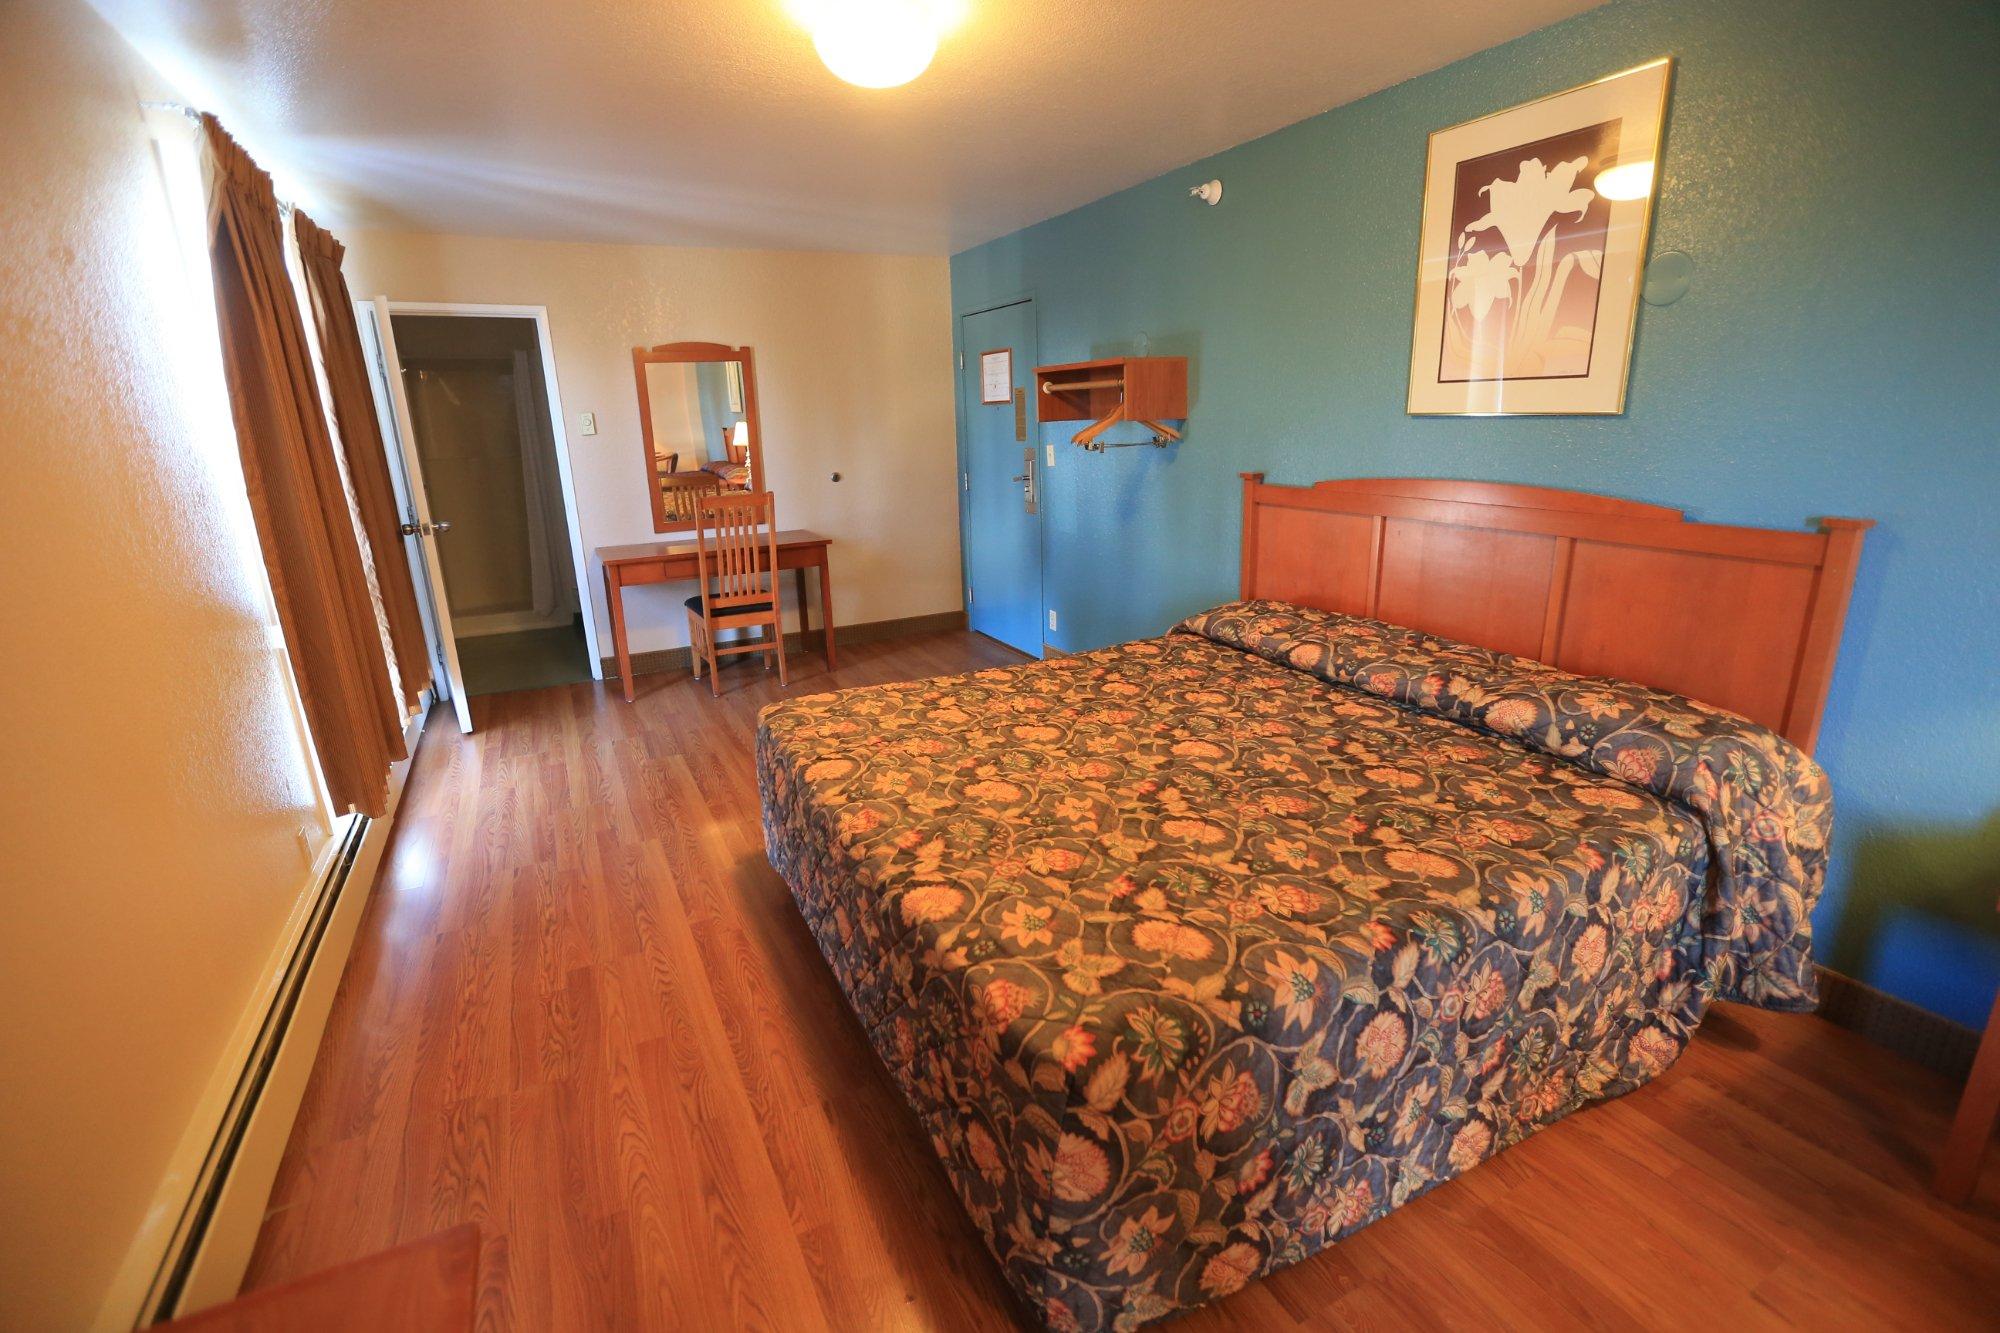 롱 하우스 알래스칸 호텔